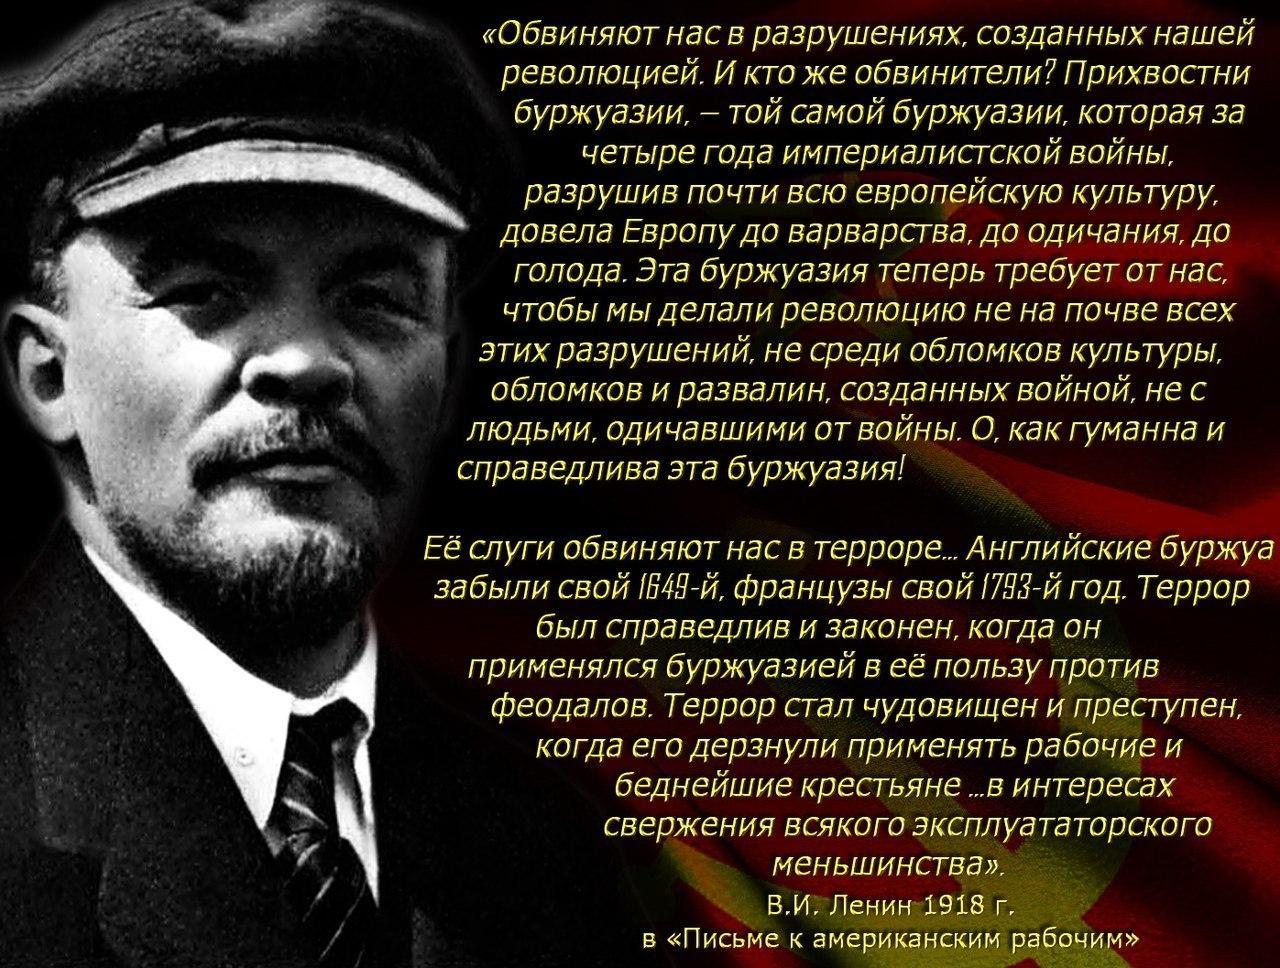 Ленин был прав.